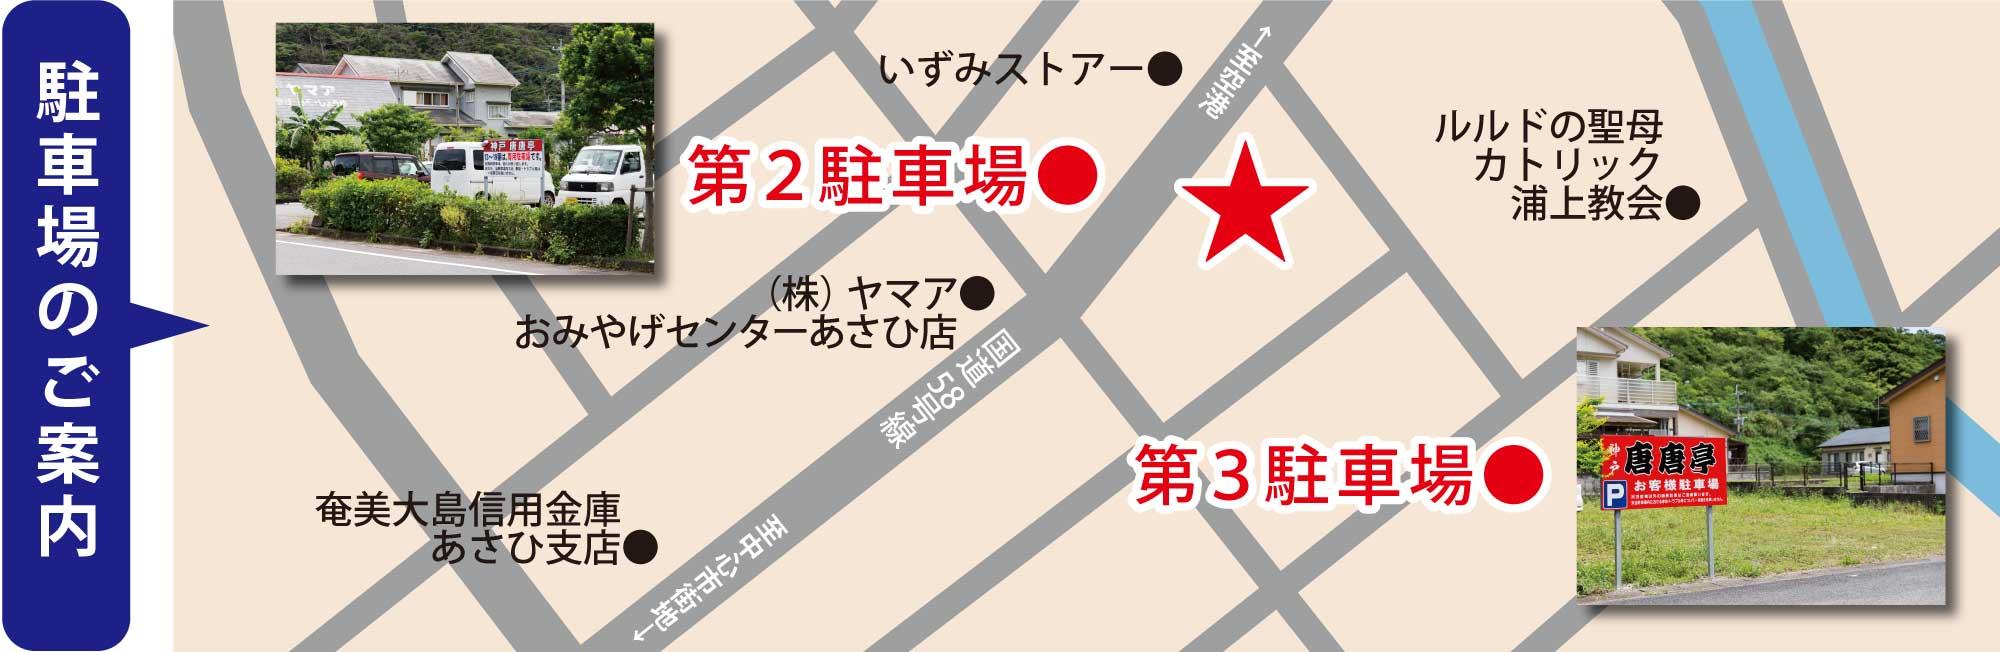 神戸唐唐亭奄美大島店 Machiiro 駐車場